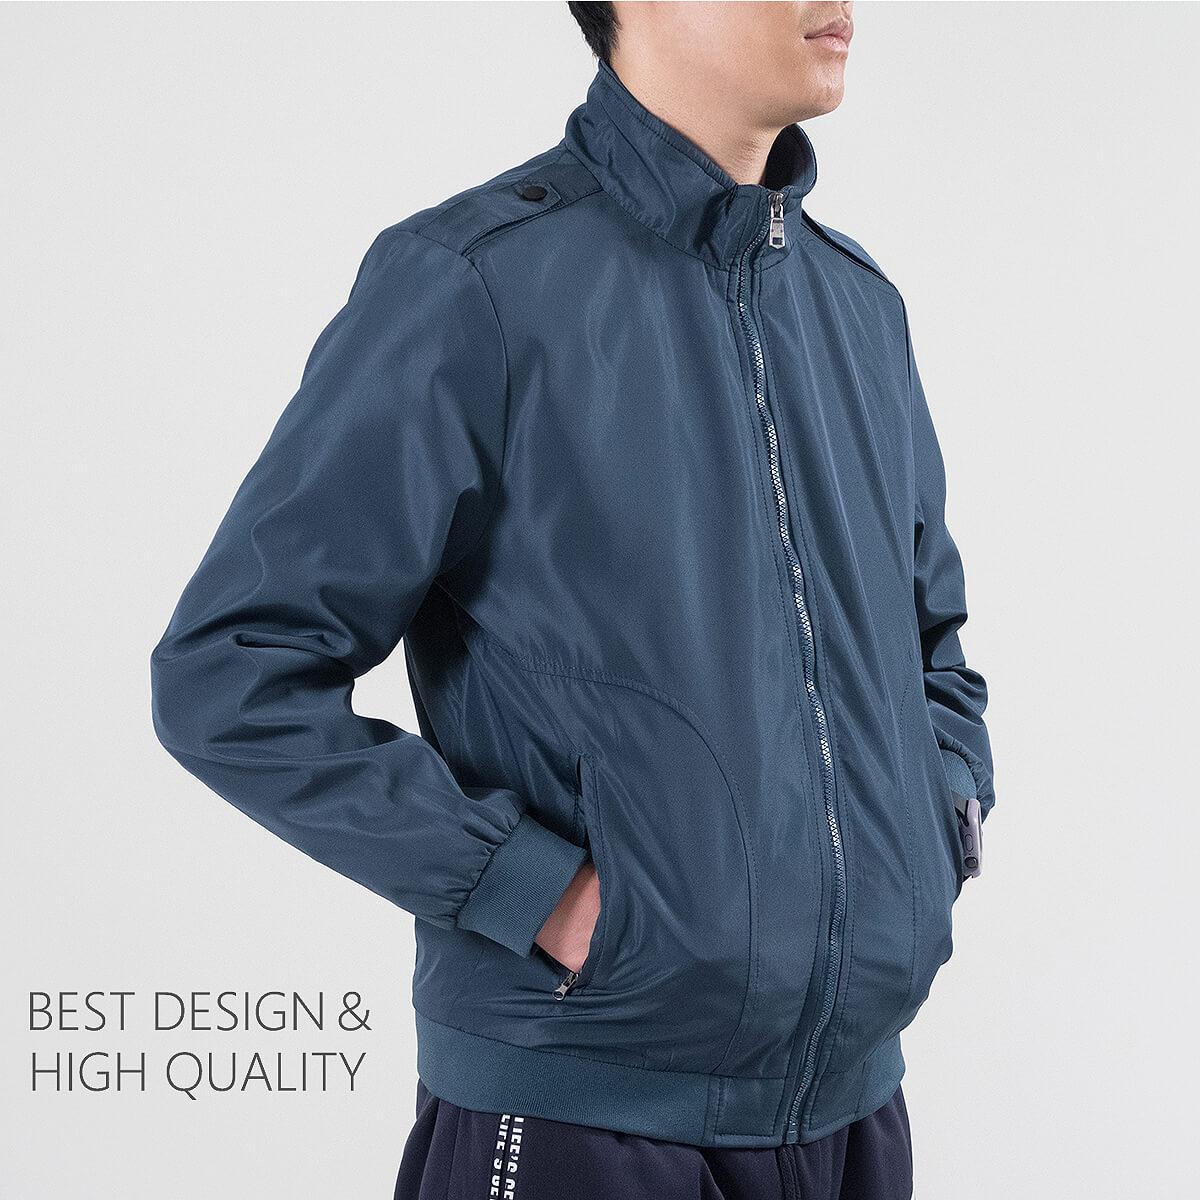 軍裝外套 修身夾克外套 立領素面外套 鈕扣肩章外套 格紋內裡薄外套 防風外套 潮流時尚休閒外套 風衣外套 黑色外套 Military Jacket Men's Jackets Windproof Jackets Button-up Epaulets (321-8025-01)咖啡色、(321-8025-02)藍綠色(321-8025-04)黑色  L XL 2L 3L 4L (胸圍109~124公分  43~49英吋) 男 [實體店面保障] sun-e 4